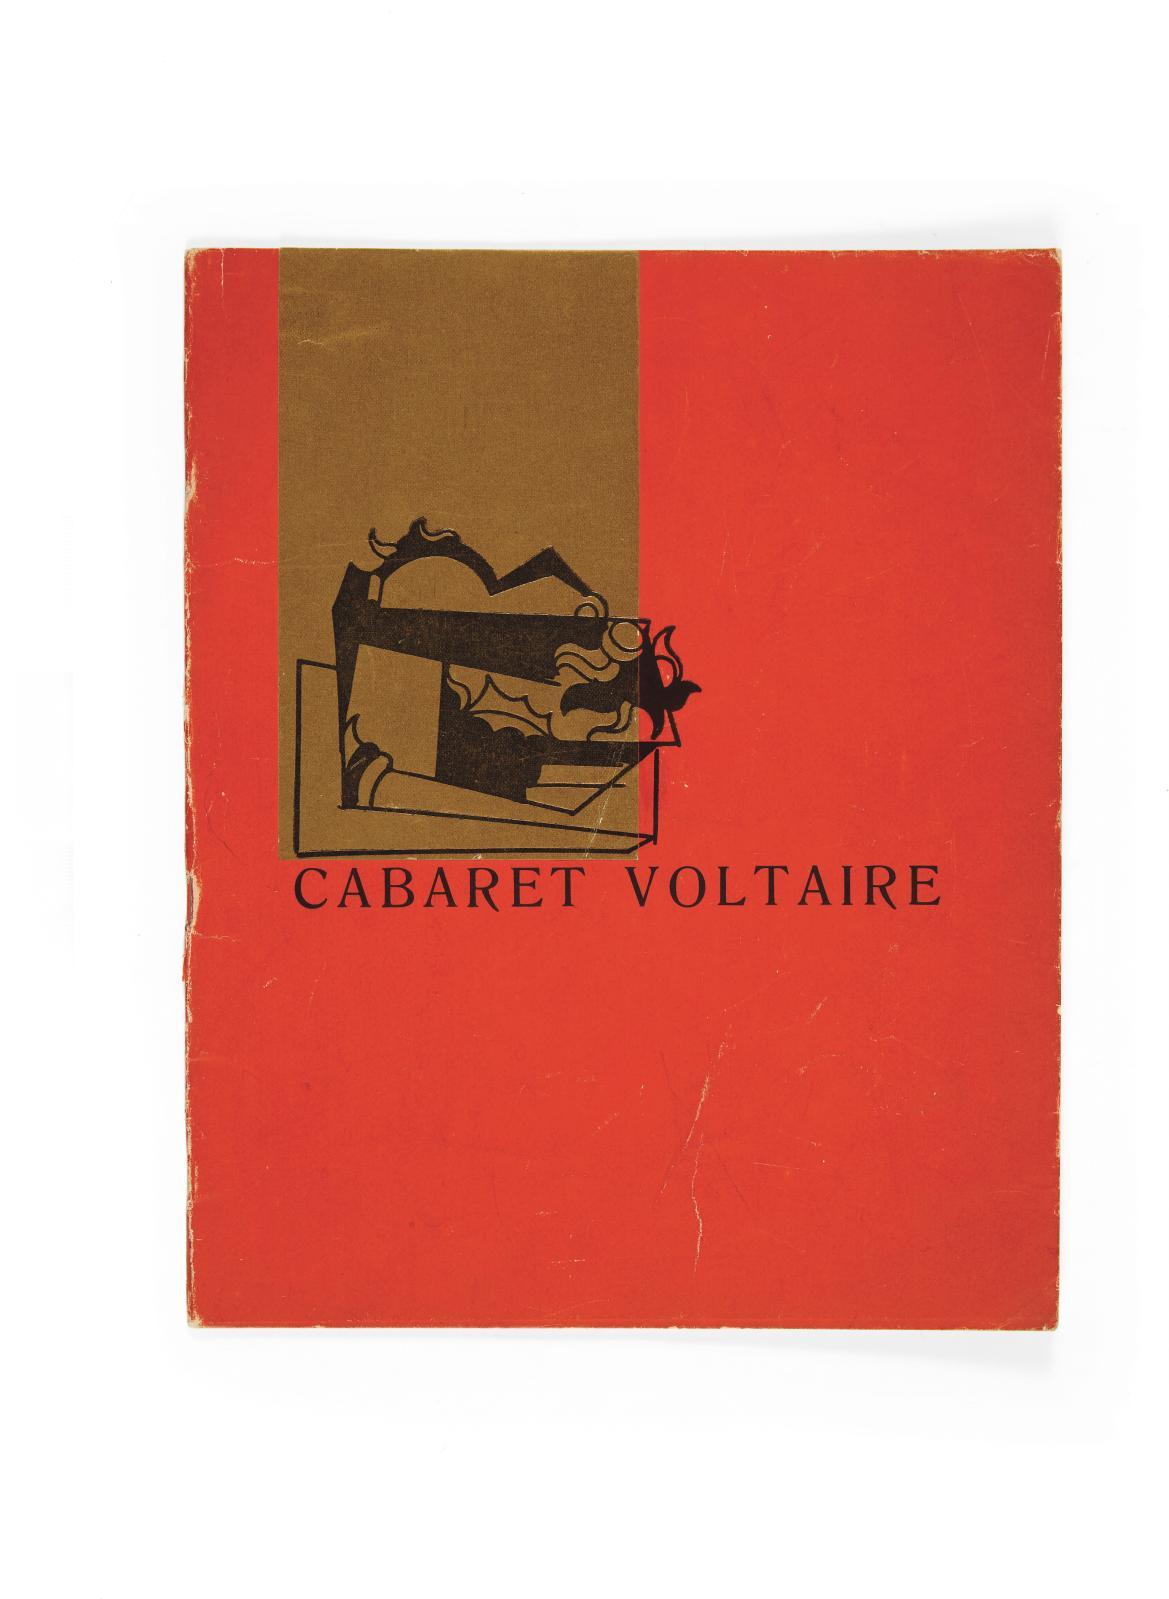 Cabaret Voltaire, Zurich, 1916, exemplaire de l'édition originale,recueil in-4°, agrafé, couverture cartonnée rouge, illustrée d'un dessin